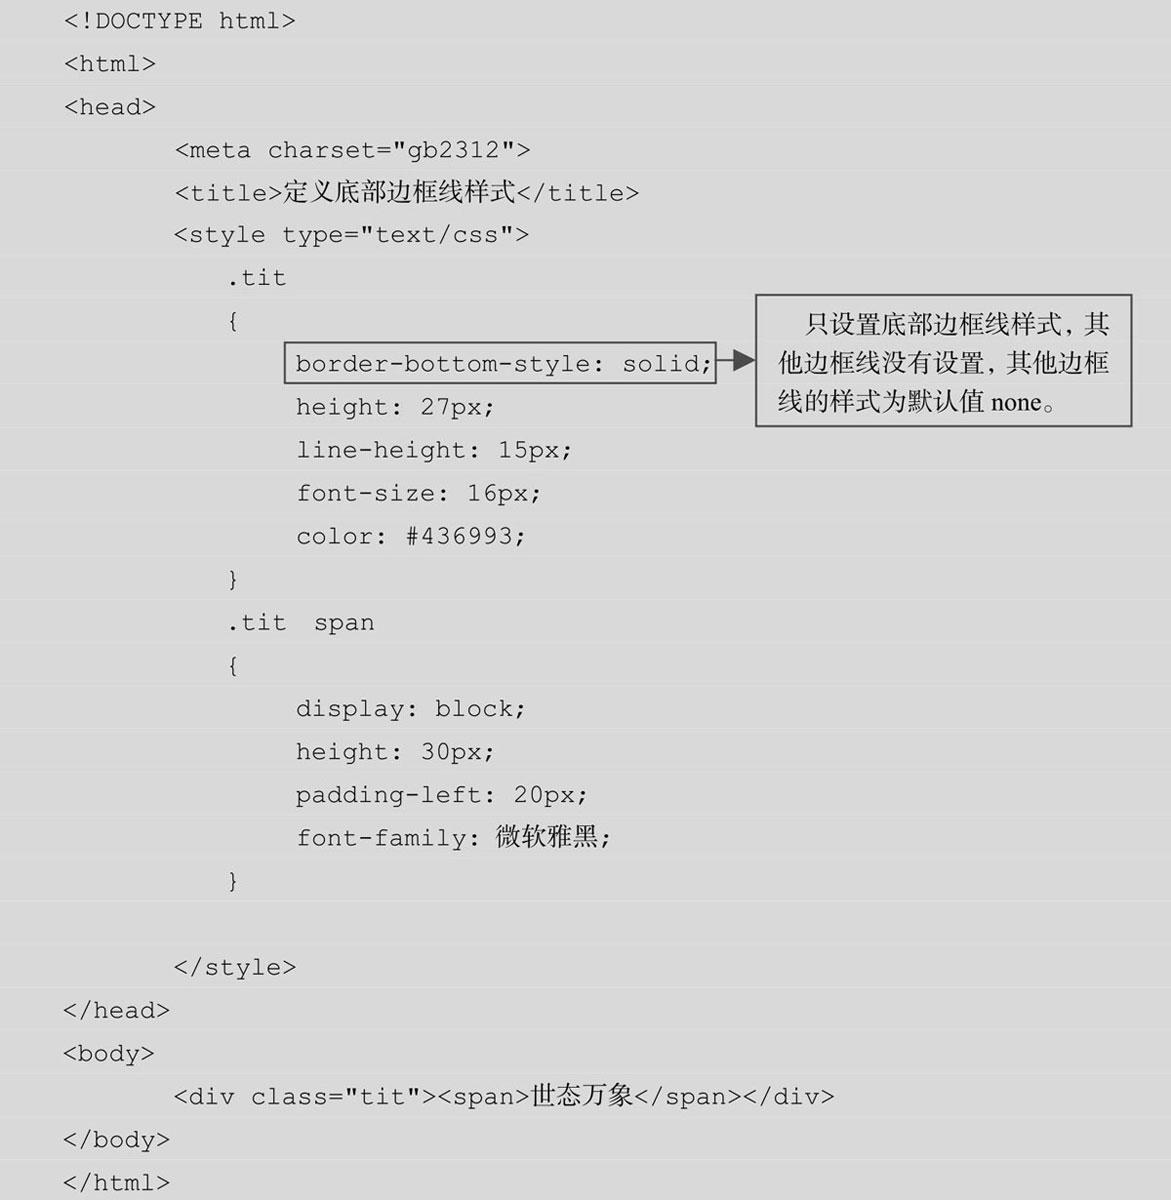 20201012_195050_076.jpg